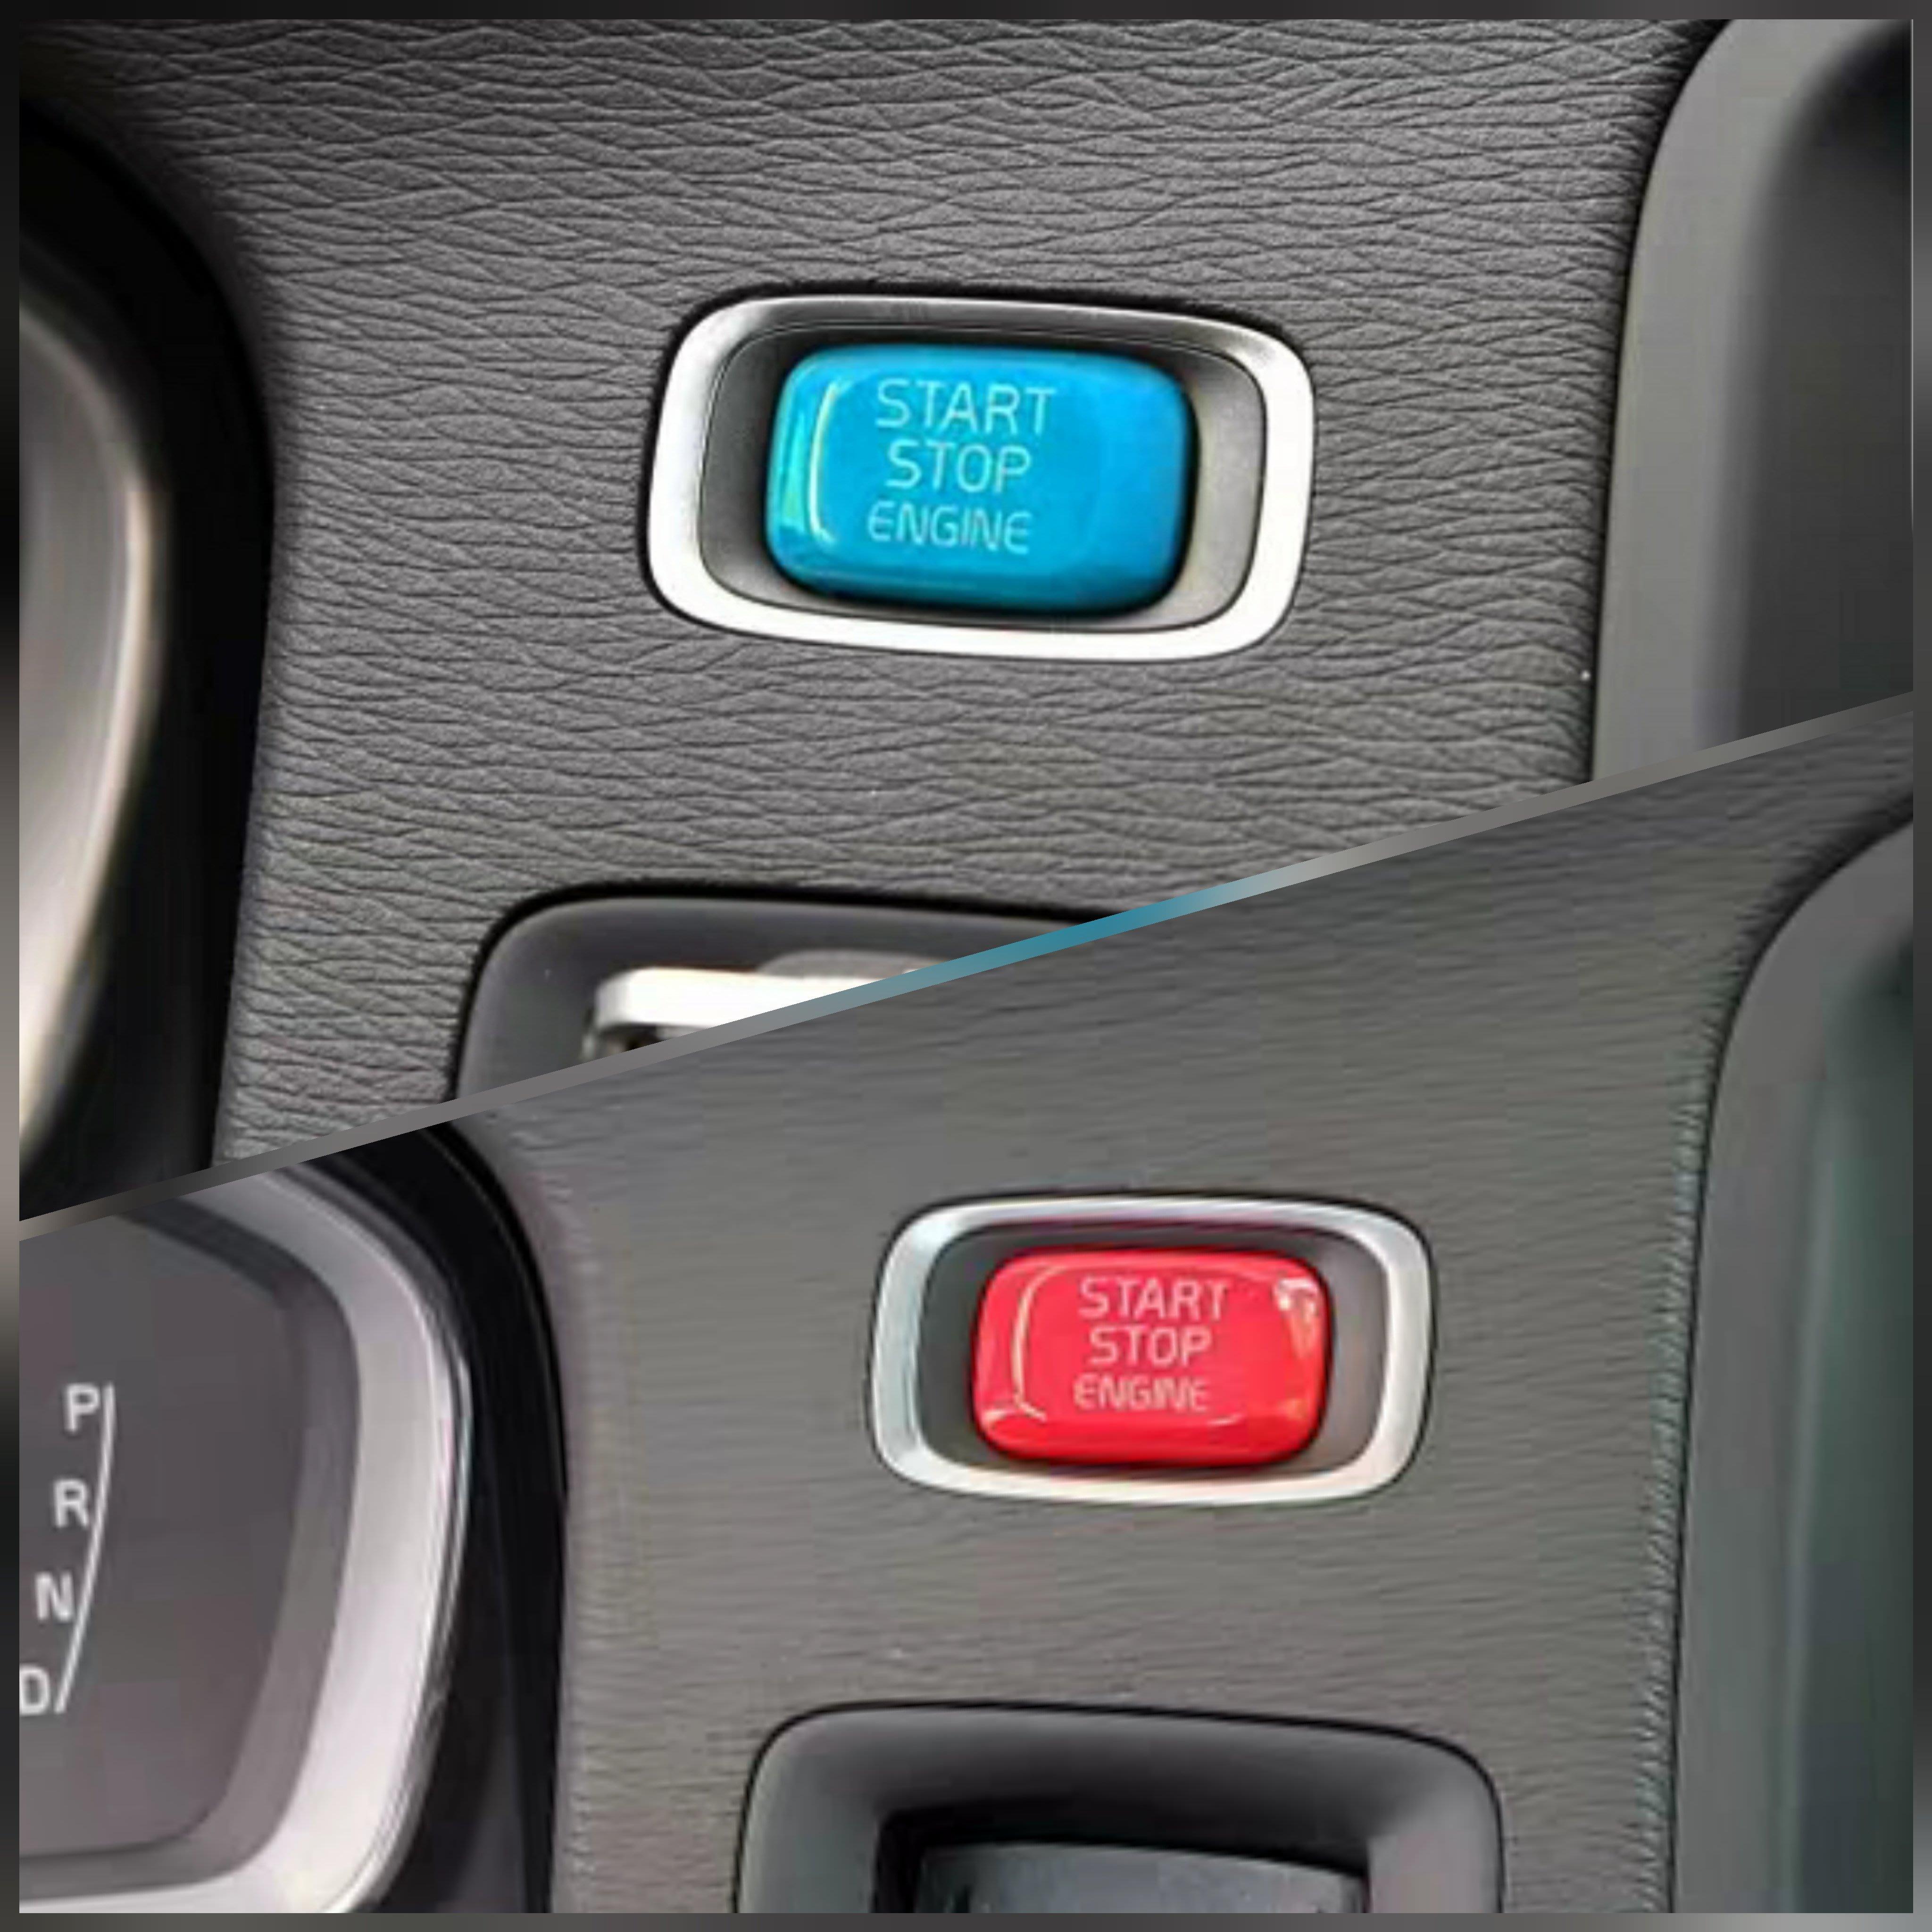 Volvo V40 V60 S60 XC60 一鍵啟動 改裝 Polestar 裝飾 PUSH START STOP按鍵